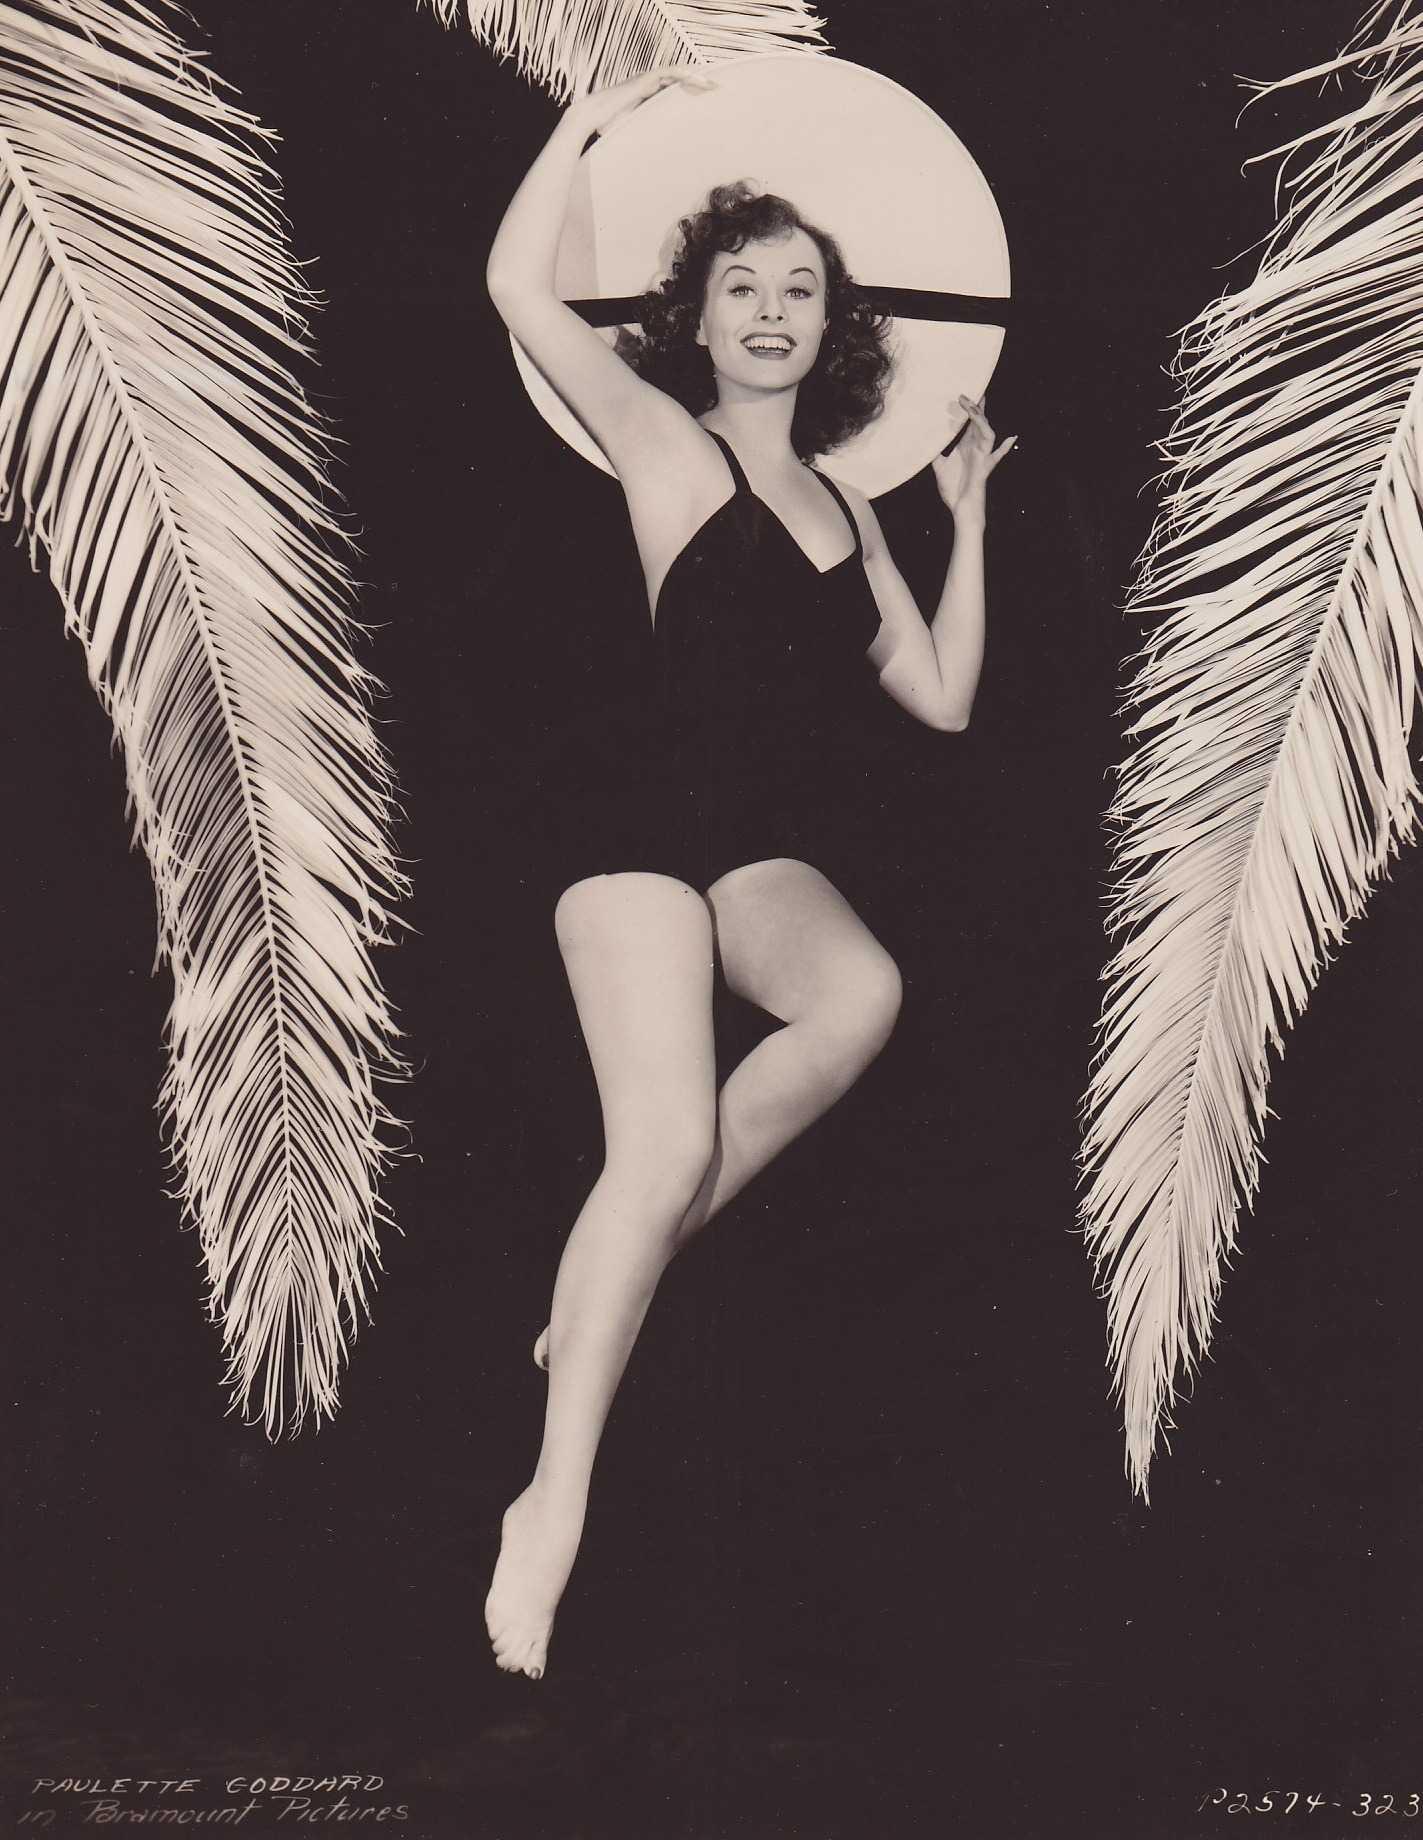 Paulette Goddard topless pics